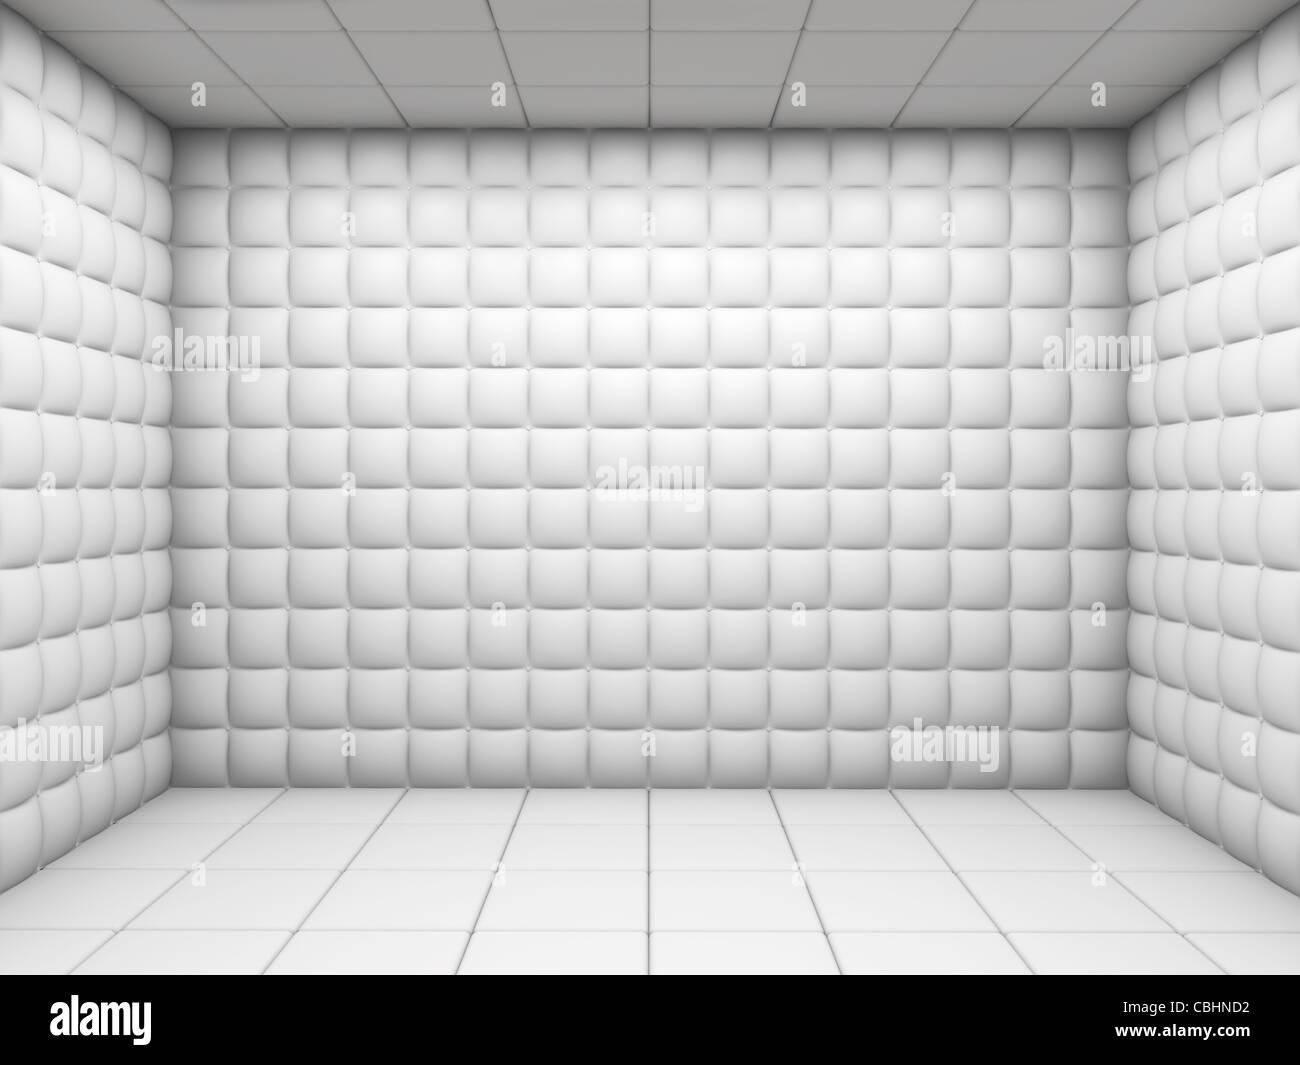 Branco hospital mental quarto almofadado com cópia espaço vazio Imagens de Stock